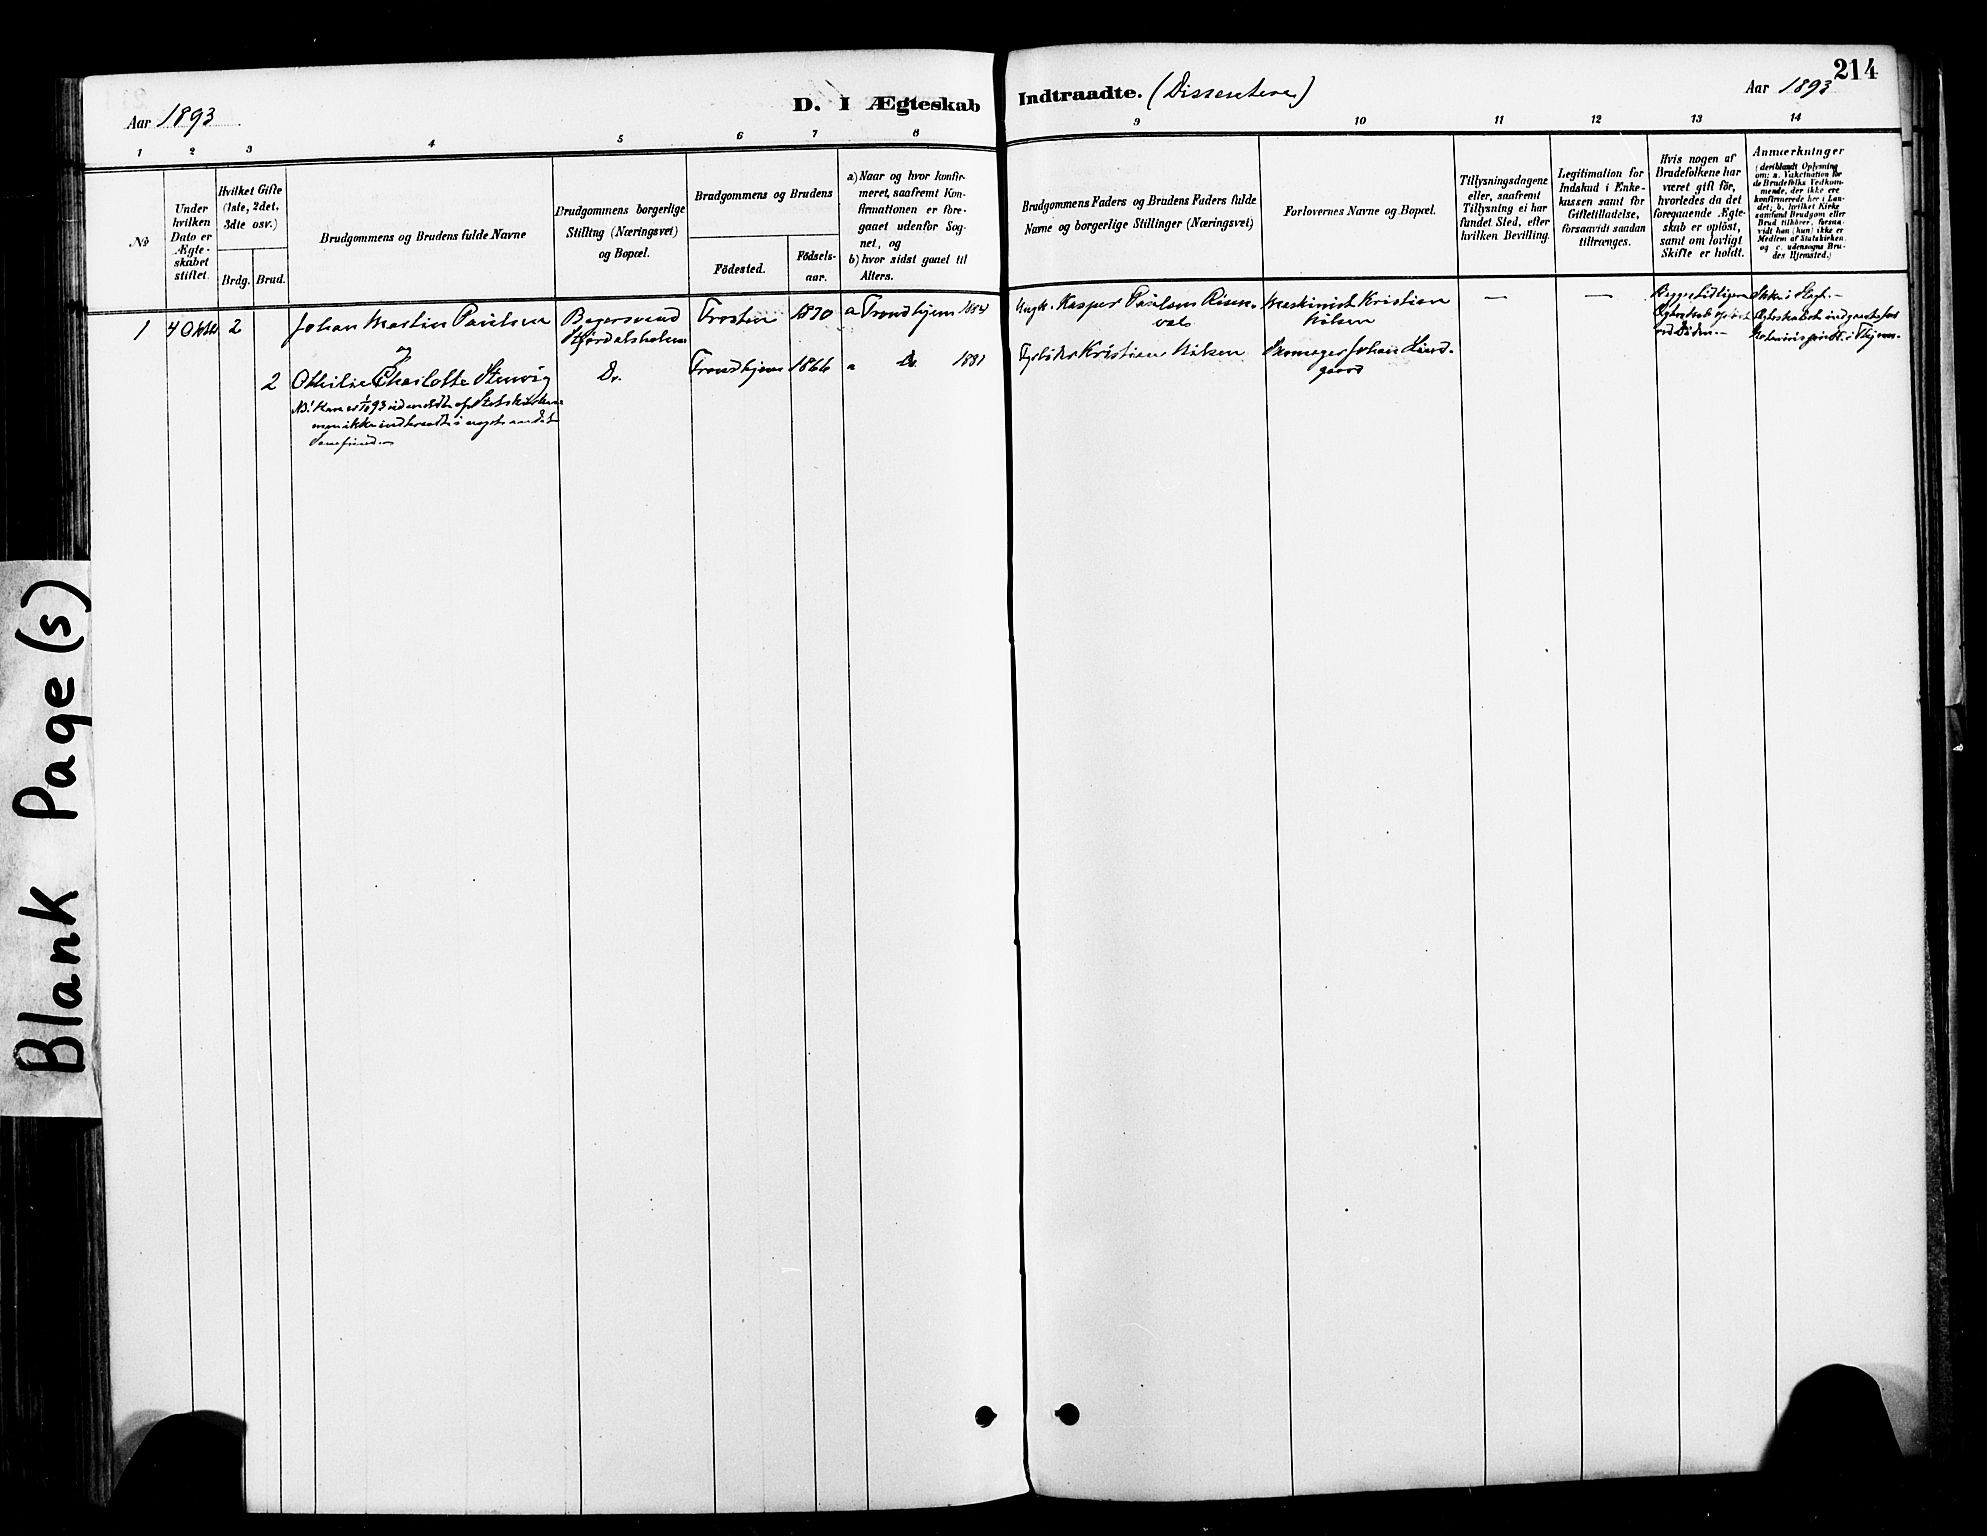 SAT, Ministerialprotokoller, klokkerbøker og fødselsregistre - Nord-Trøndelag, 709/L0077: Ministerialbok nr. 709A17, 1880-1895, s. 214